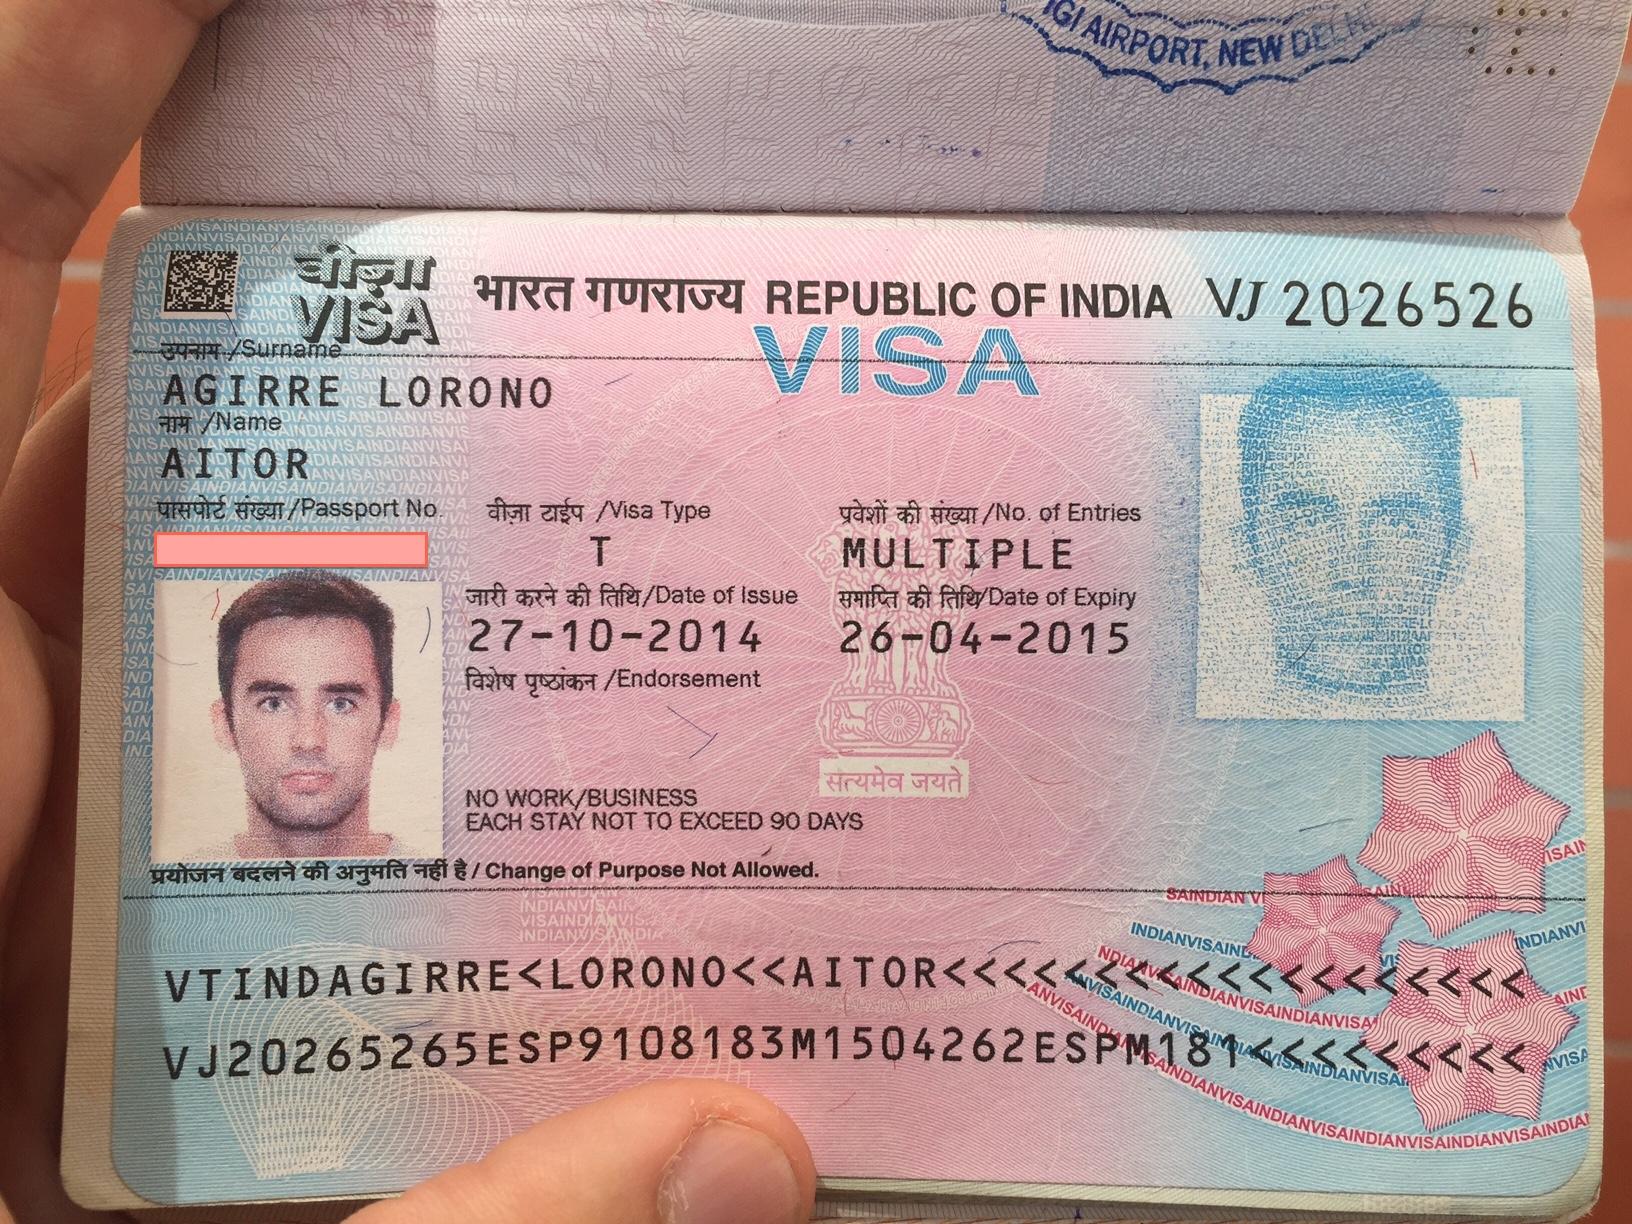 el visado para poder entrar en India